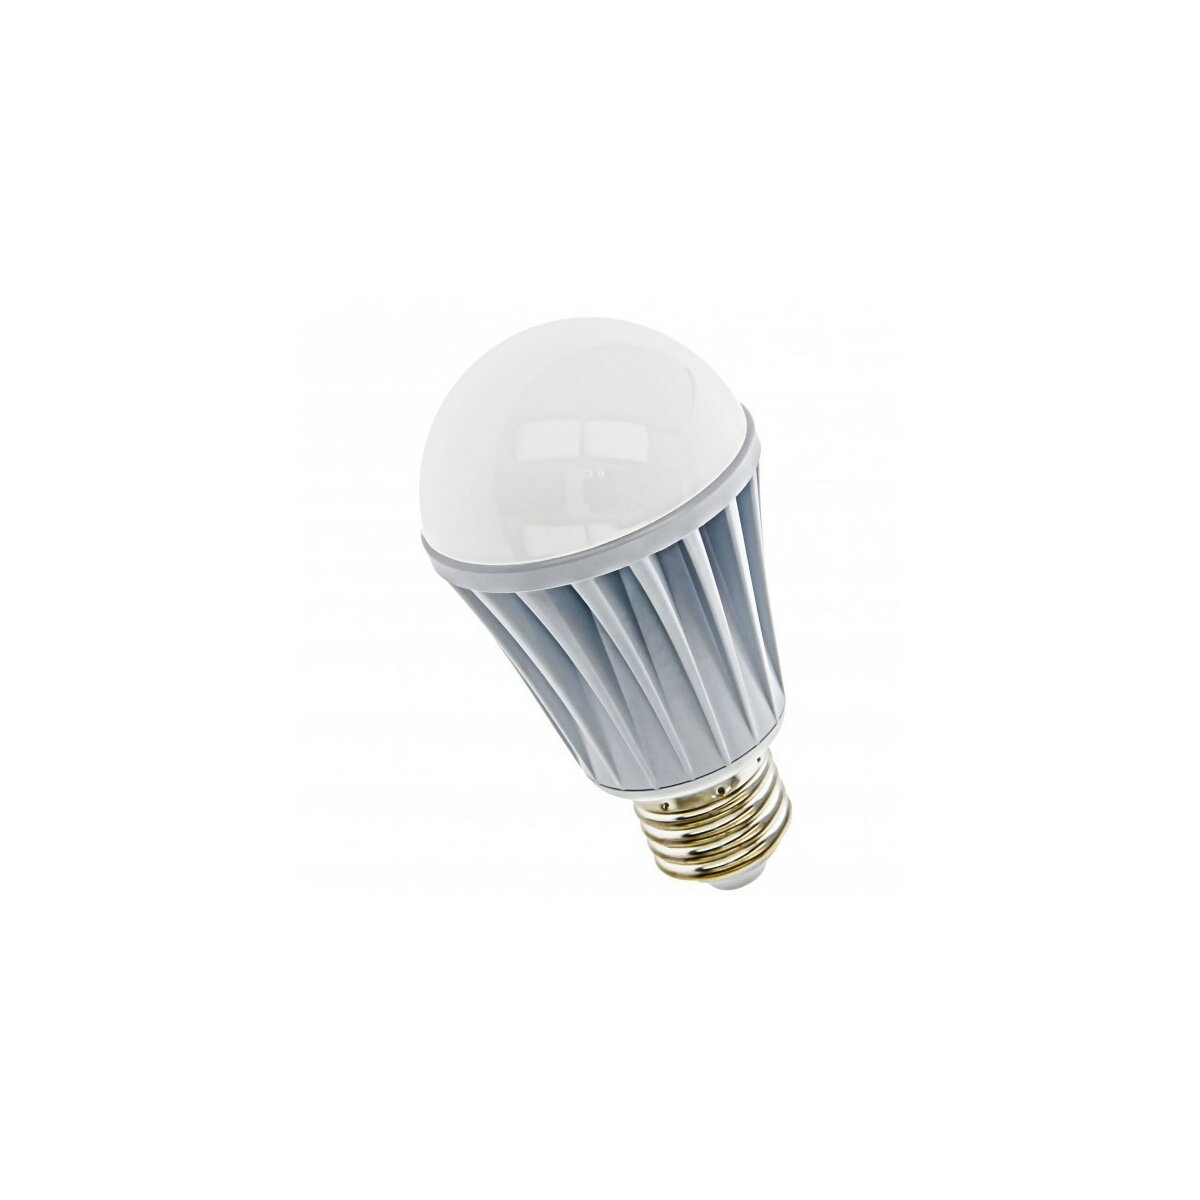 Minadax® dimmbare Multicolor LED Gluehbirne mit 16 Mio Farben 7,5Watt A+ fuer E27 Sockel - Steuern Sie die Farbe Ihres Lichtes ueber Wifi